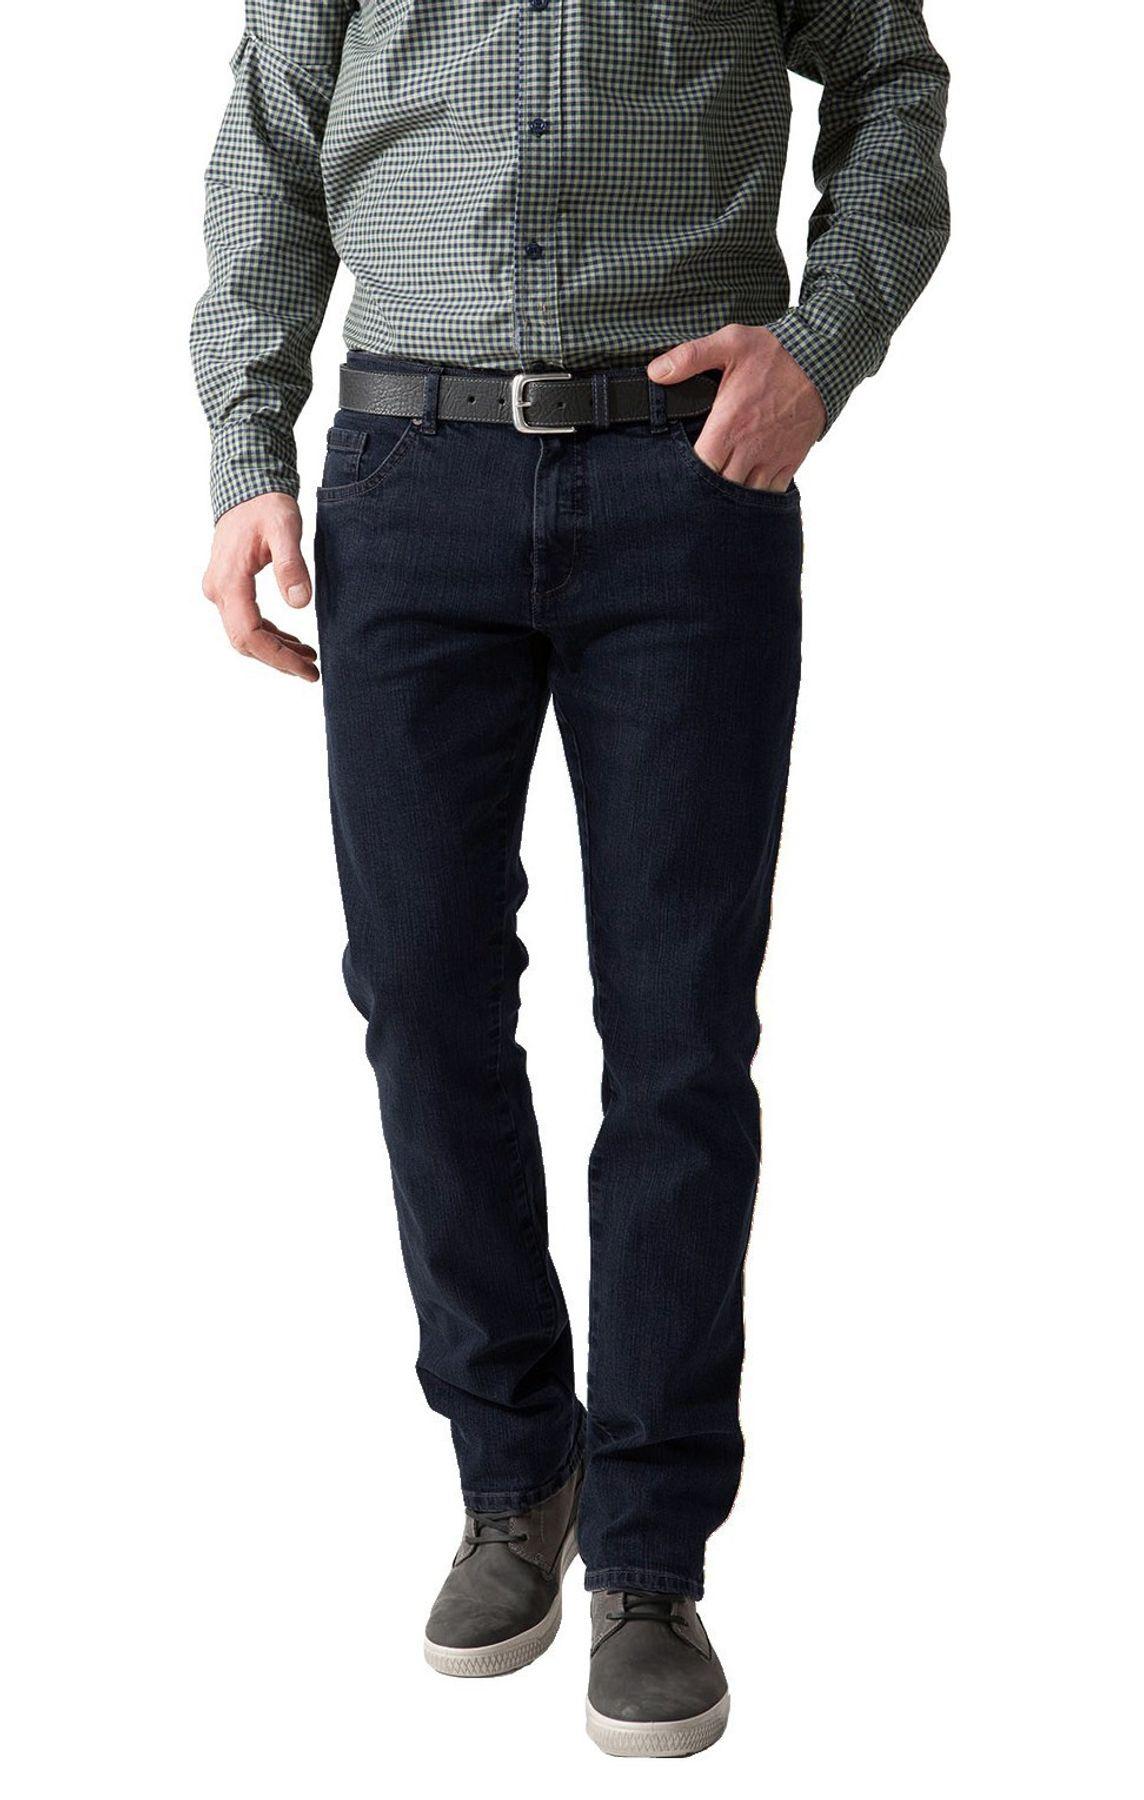 Stooker - Herren 5-Pocket Jeans in verschiedenen Farben, Frisco (5190) – Bild 3